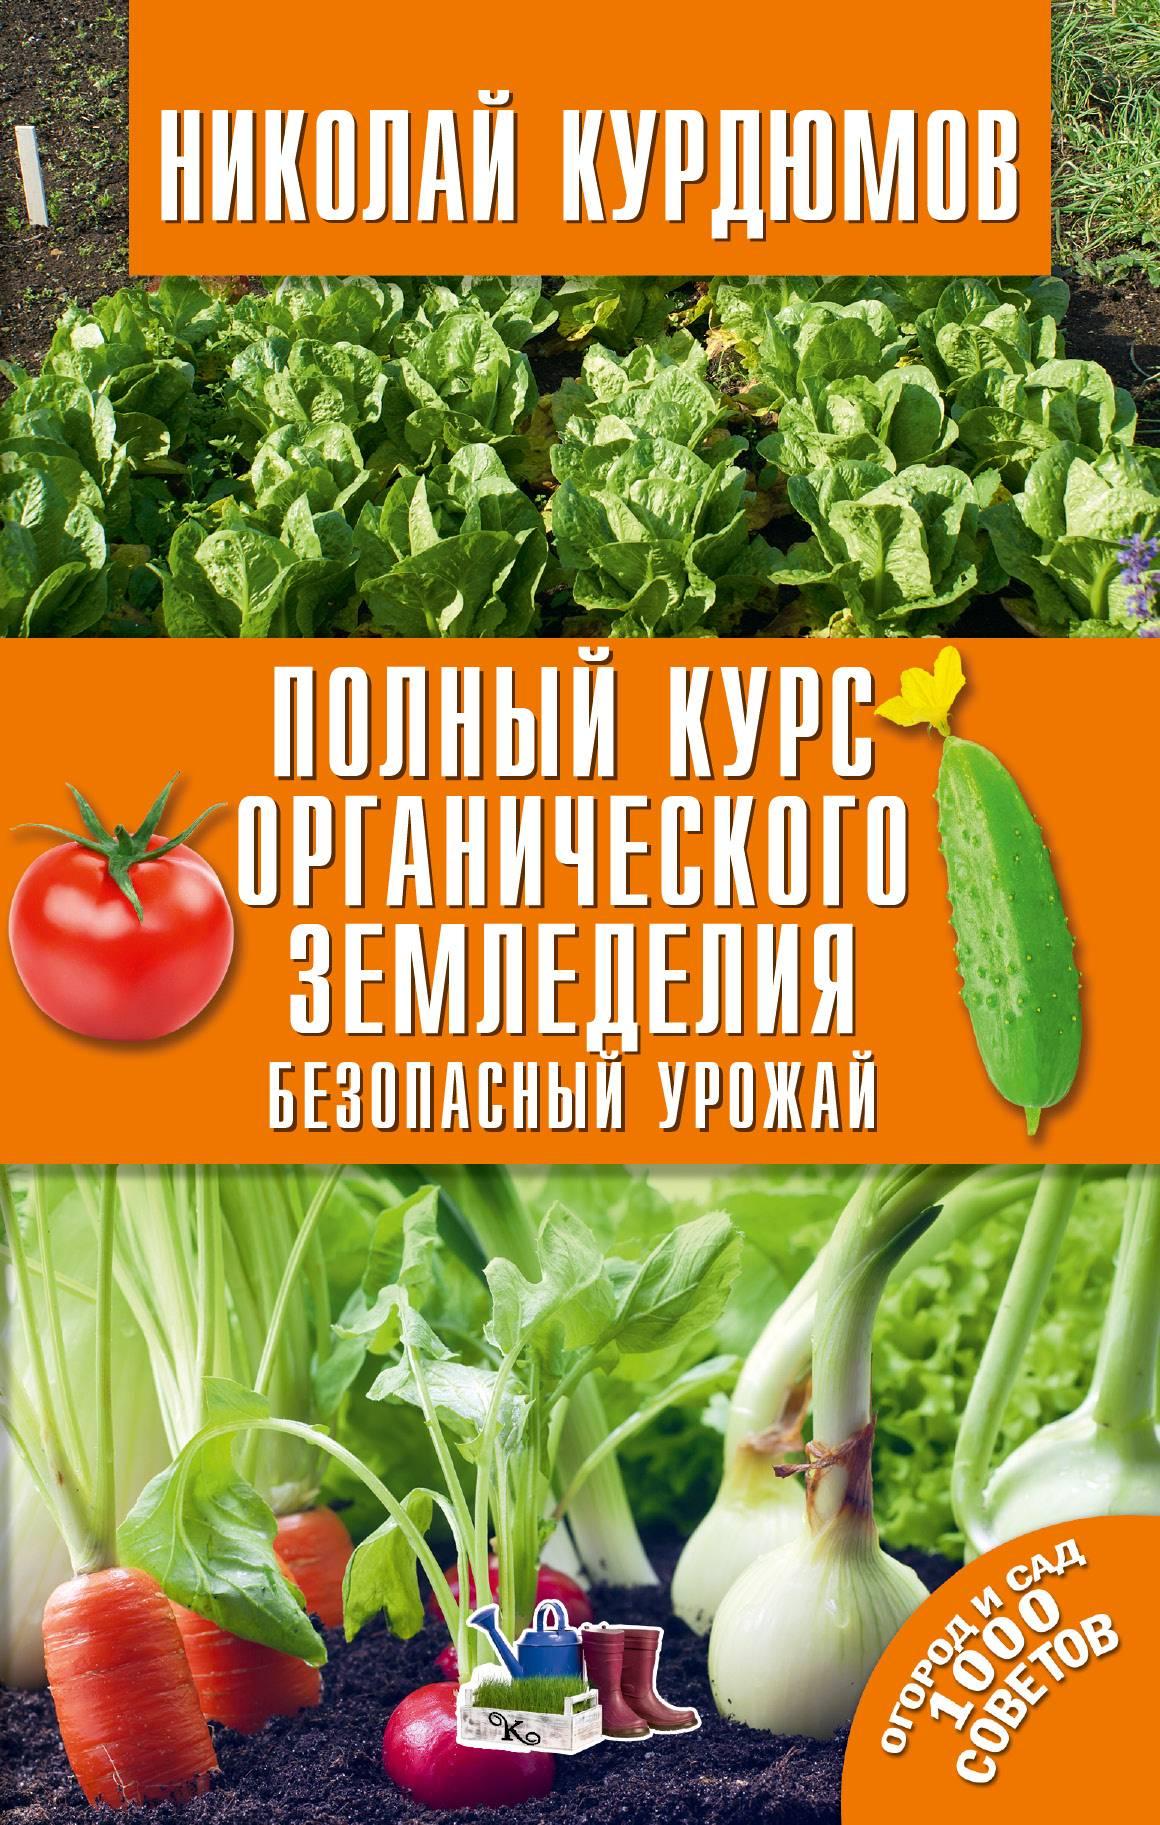 Николай Курдюмов Полный курс органического земледелия. Безопасный урожай николай курдюмов полный курс органического земледелия безопасный урожай